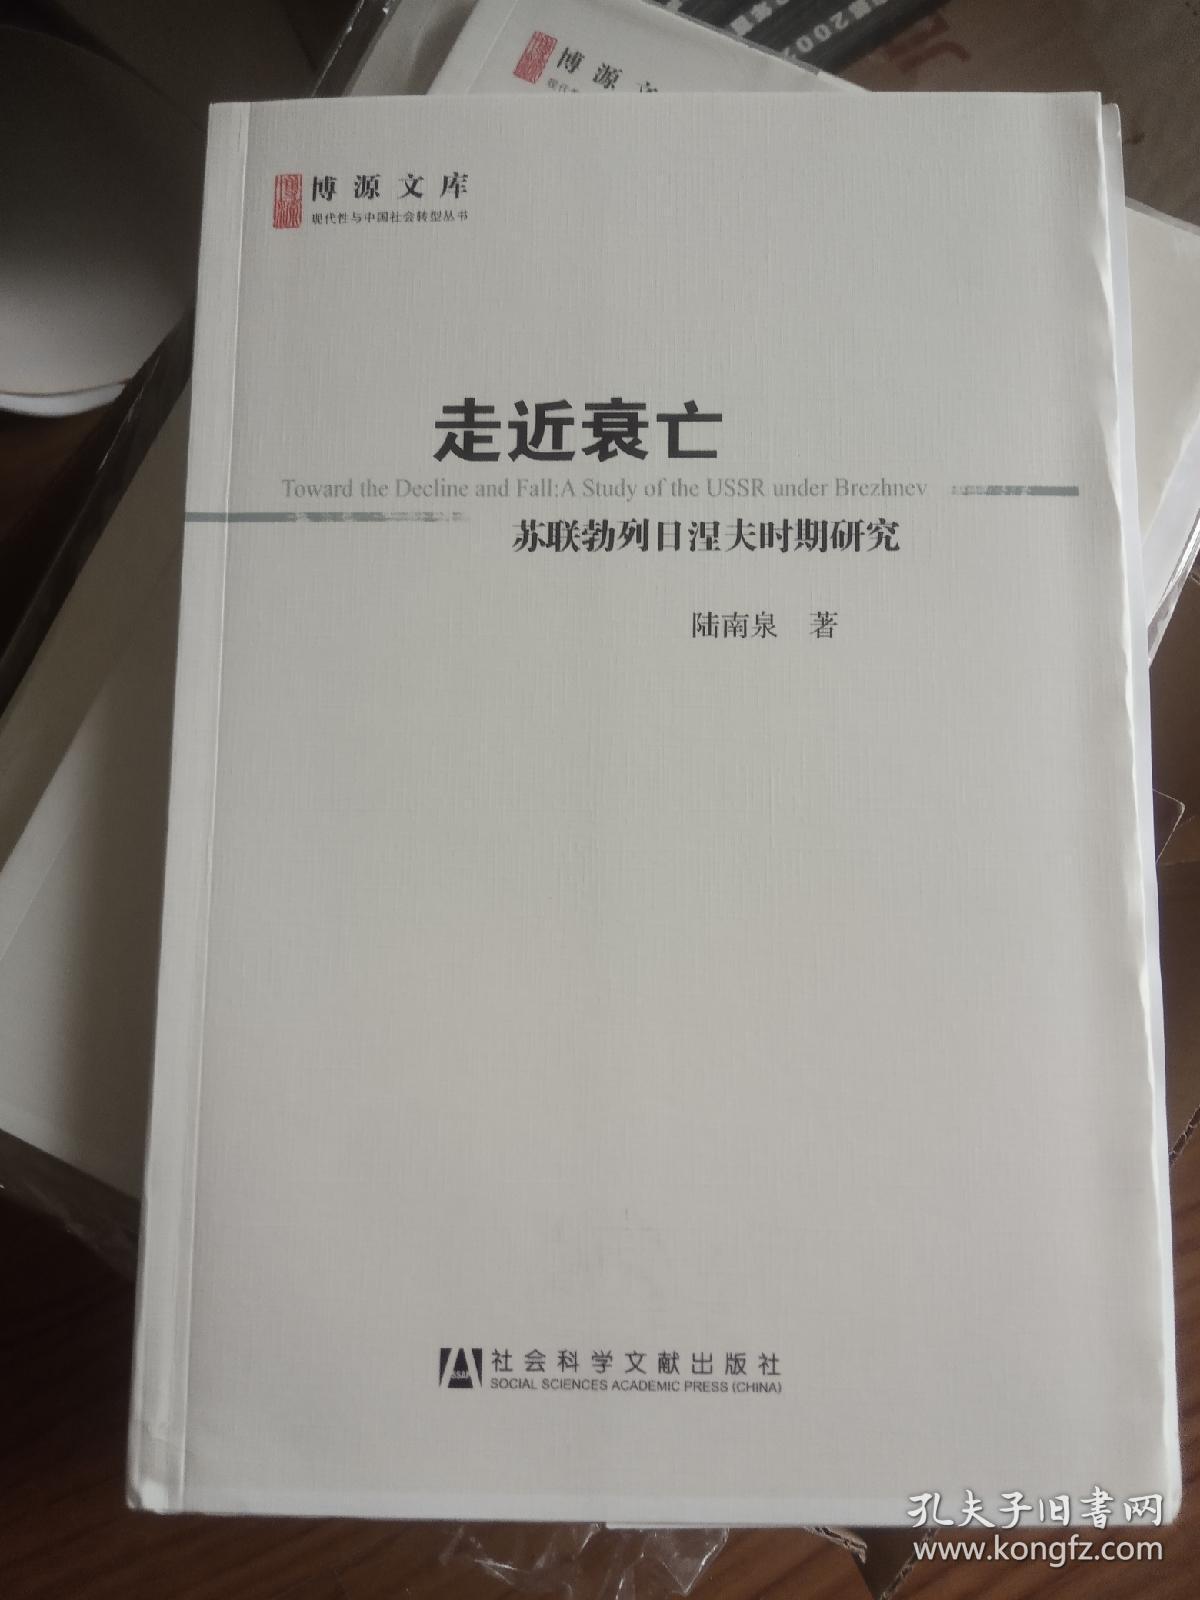 作者签名毛边本《走近衰亡:苏联勃列日涅夫时期研究》